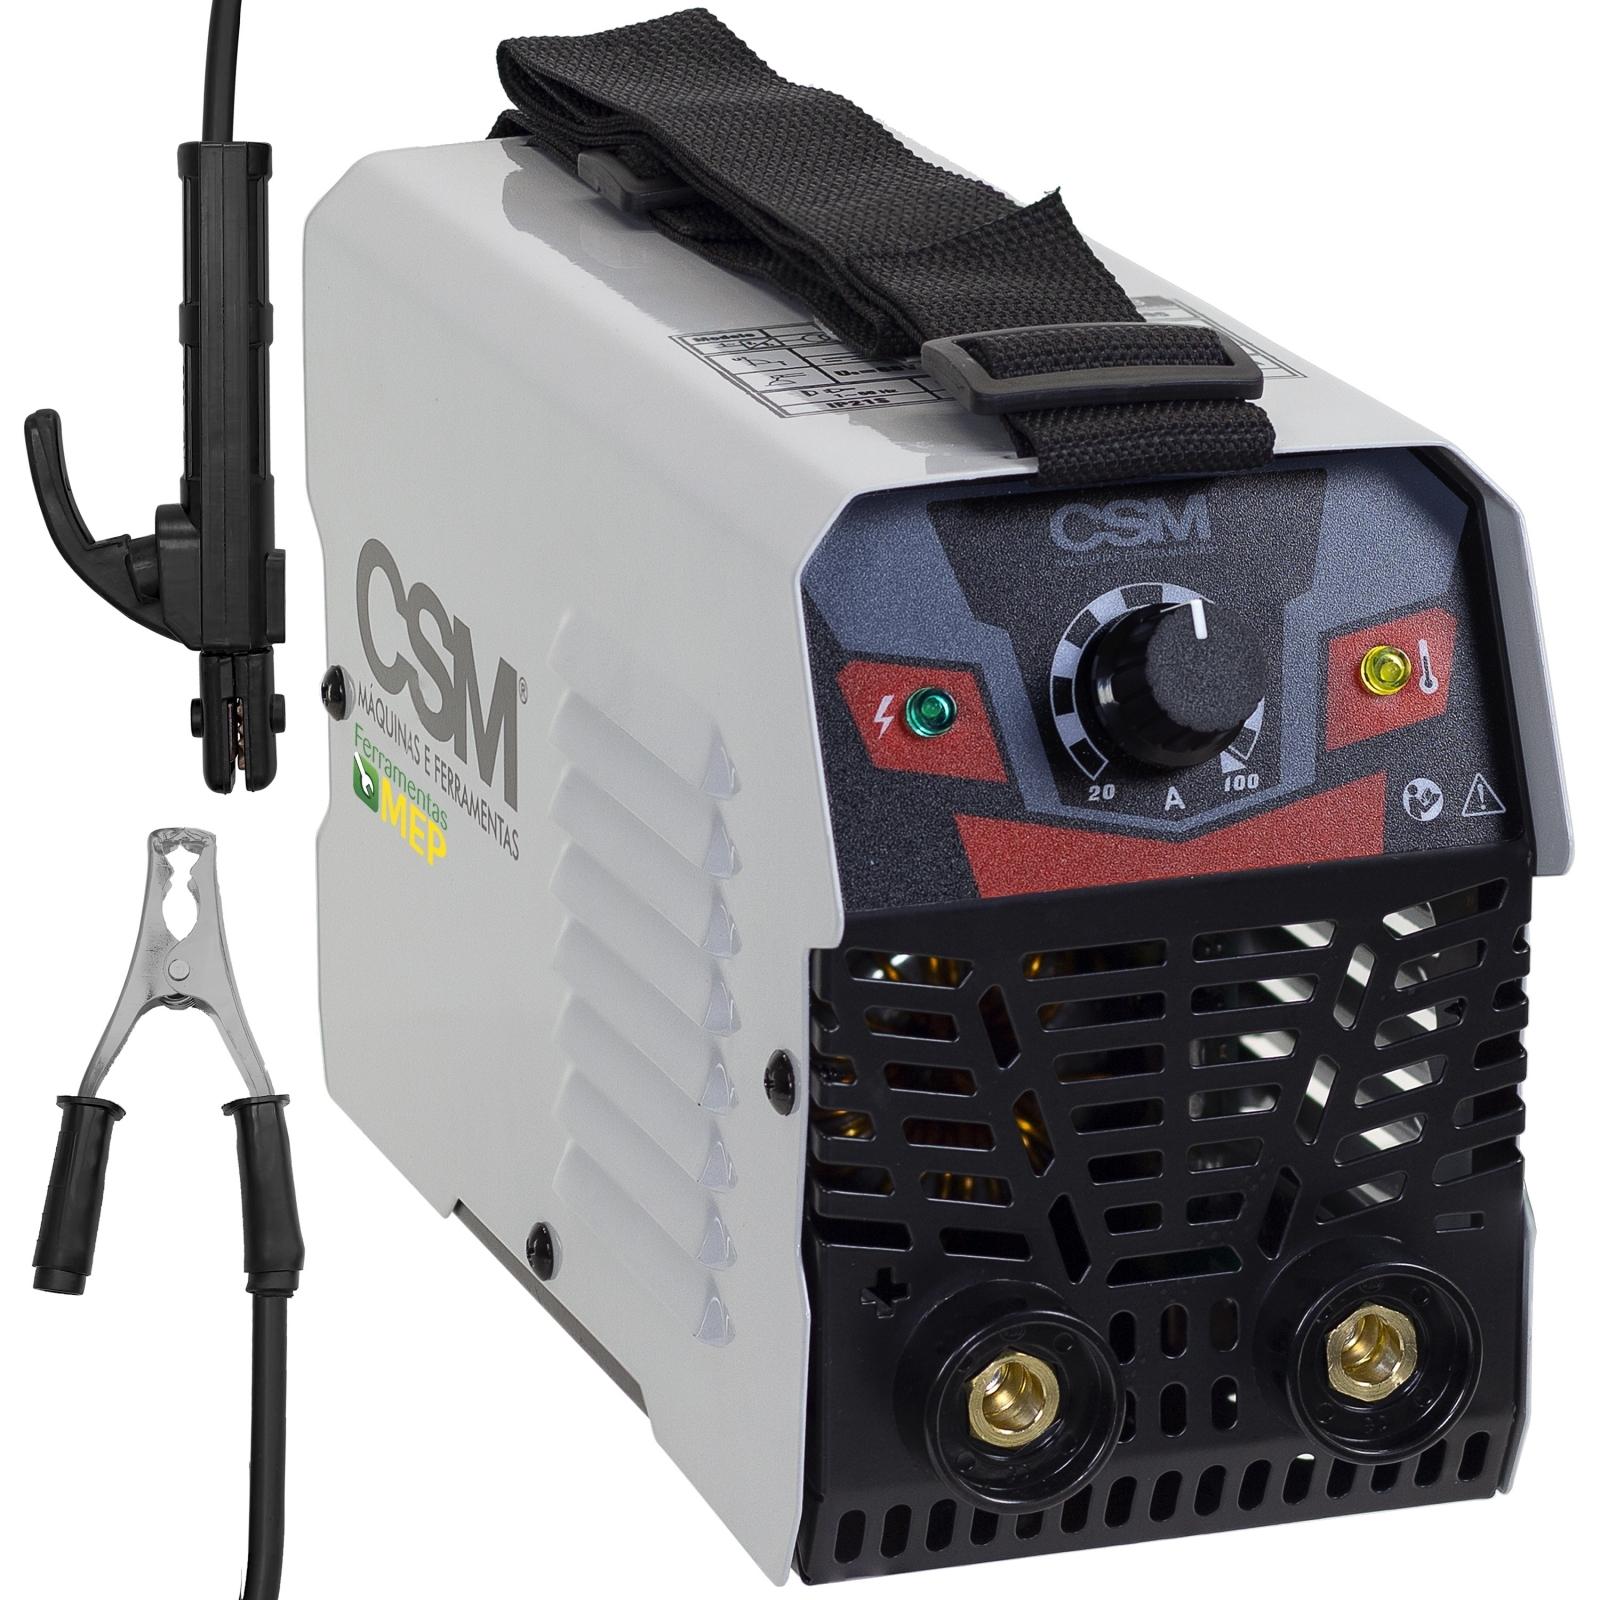 Máquina de Solda Inversora Csm 100amp 220v Mma-100 Csm100 - Ferramentas MEP